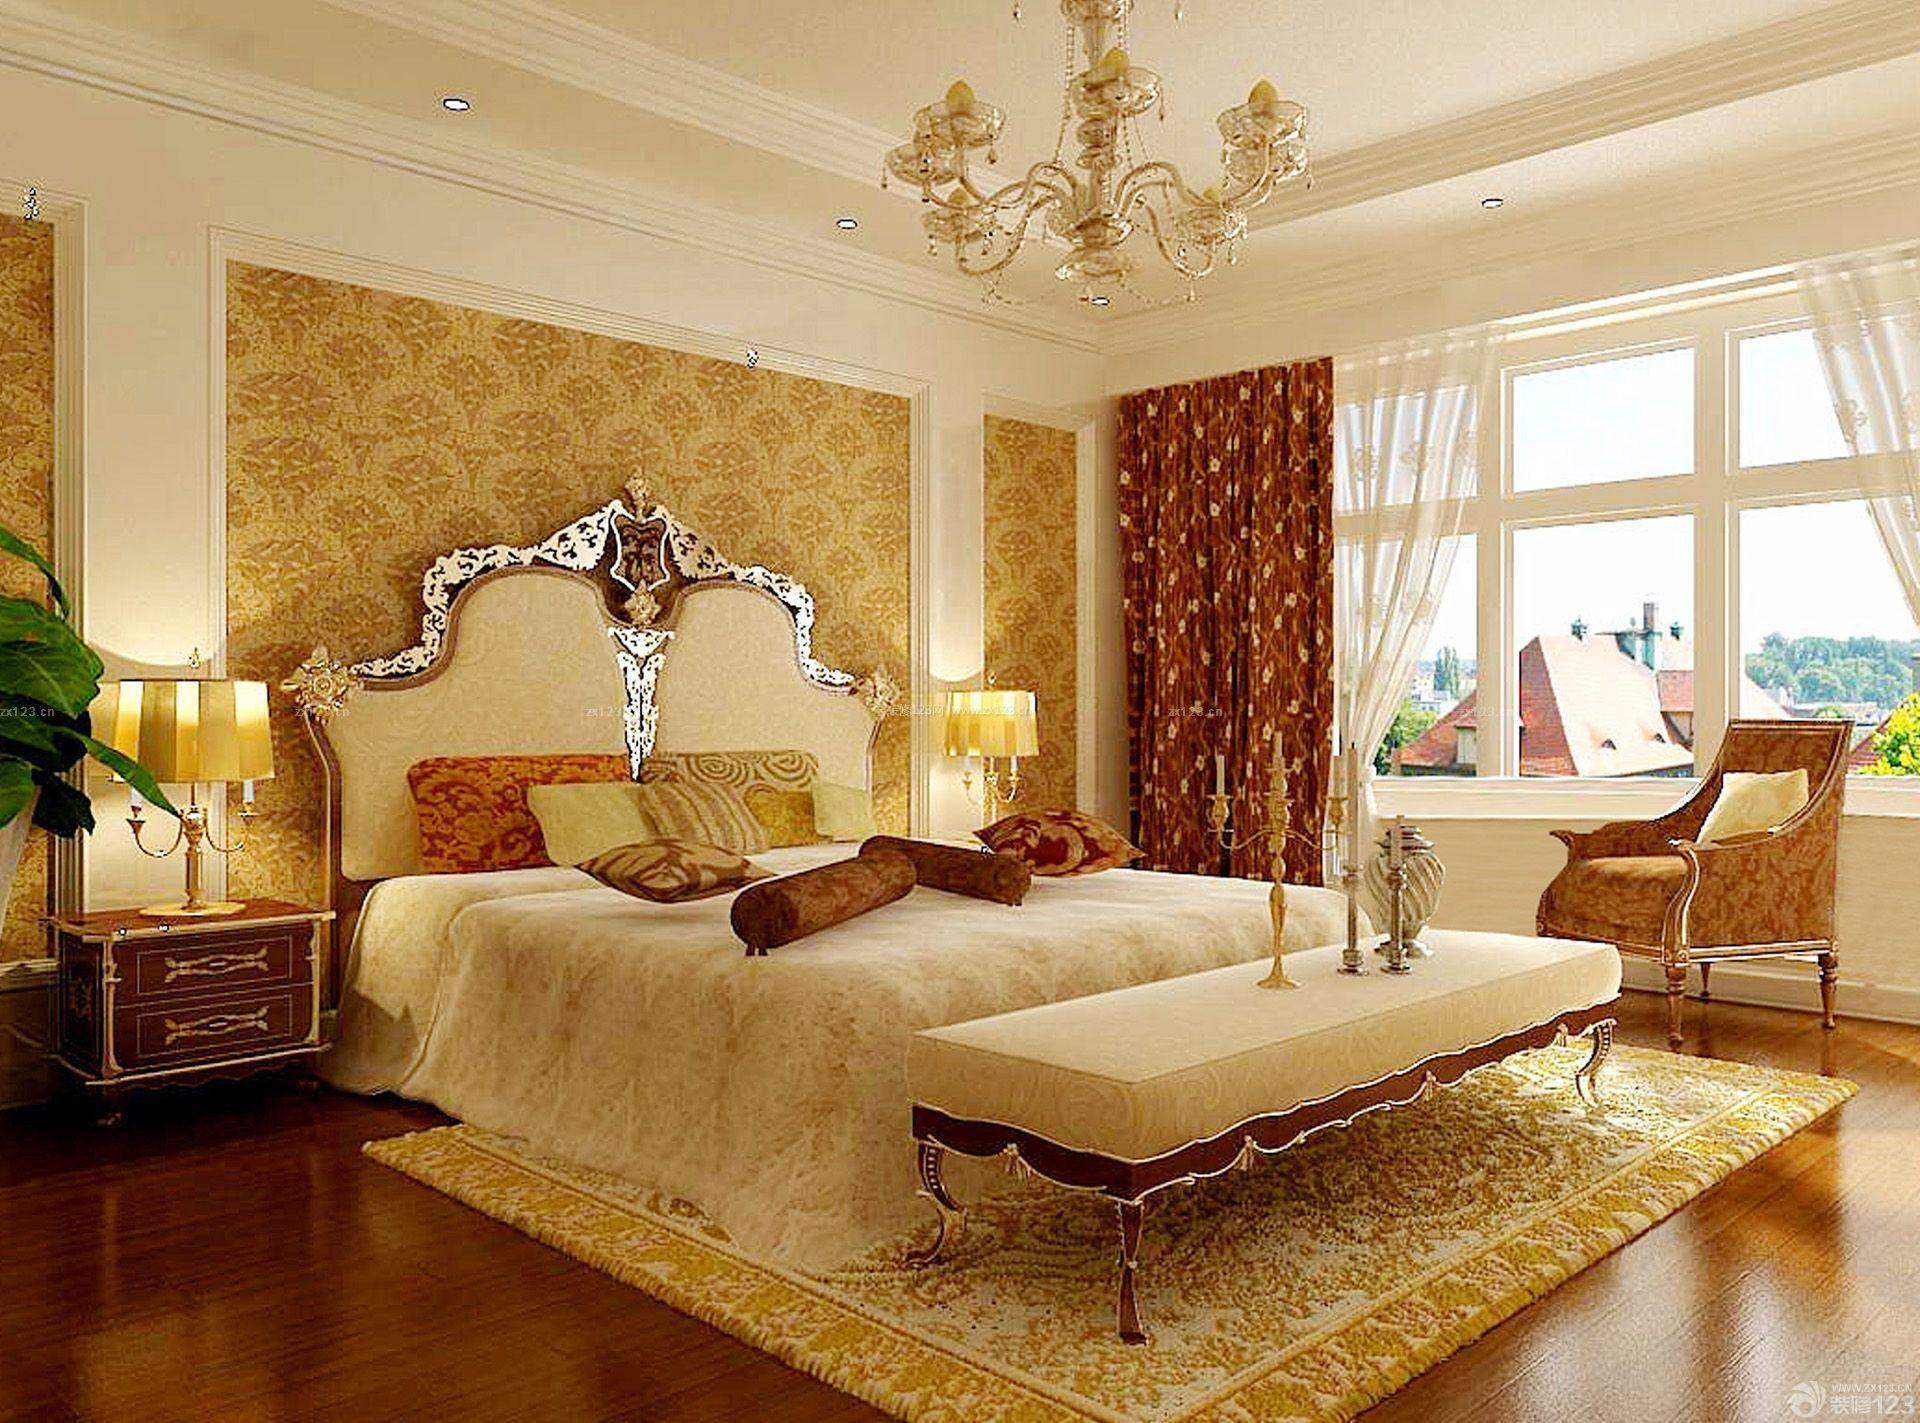 80平米小户型欧式卧室床装修效果图图片